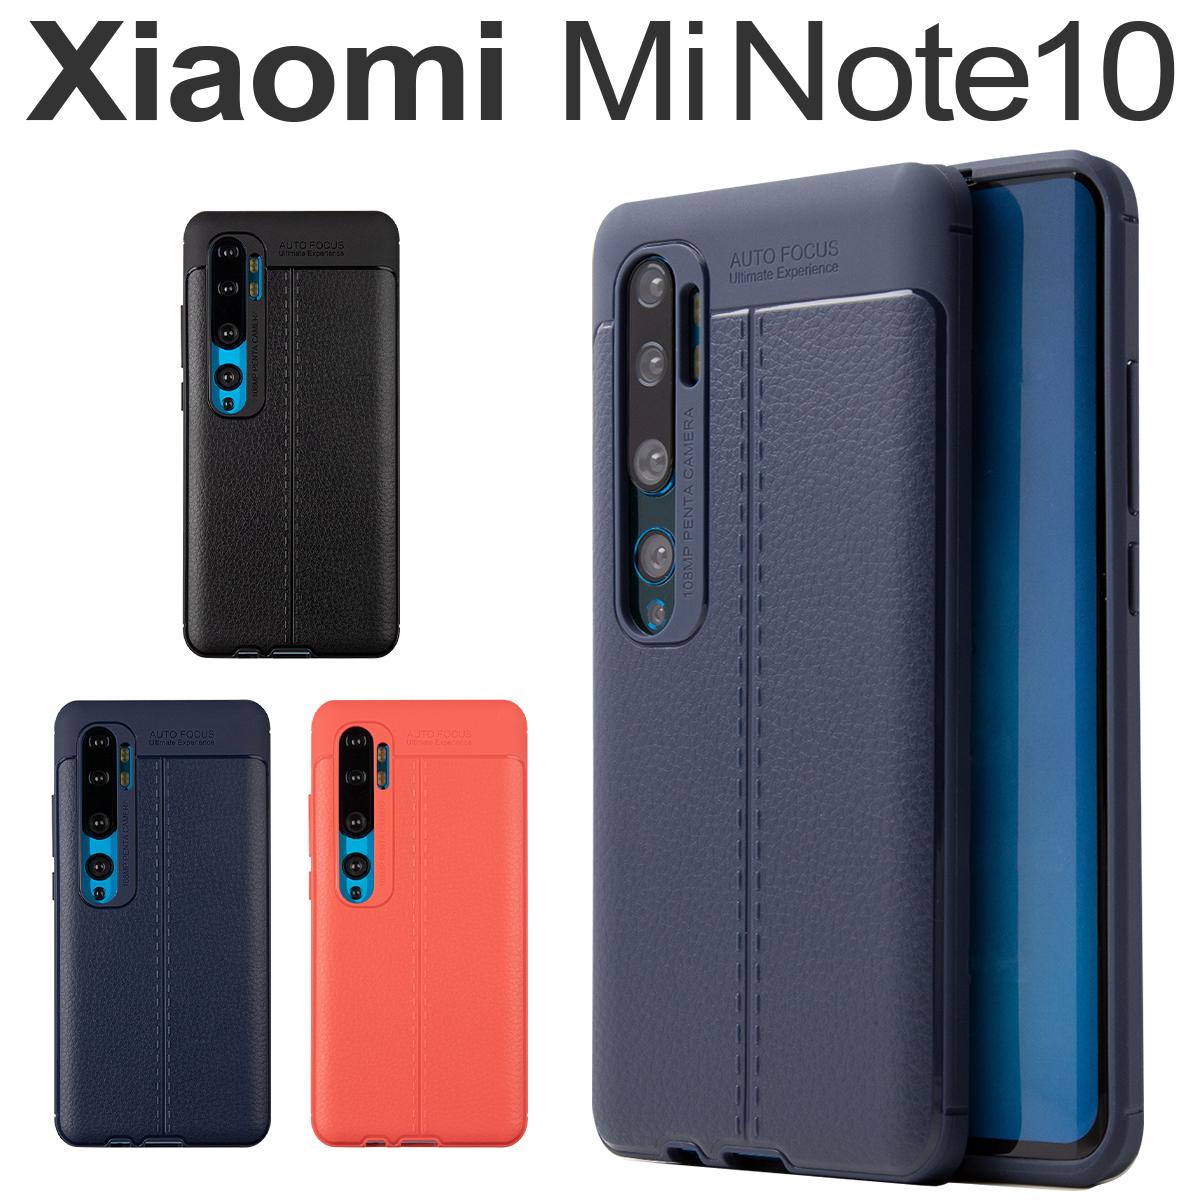 レザー調TPUケースXiaomi Mi 特売 Note 10 Xiaomi スマホケース 韓国 シャオミ スマホ 人気 レザー革調 おすすめ おしゃれ かっこいい レザー調TPUケース カバー 大放出セール ケース